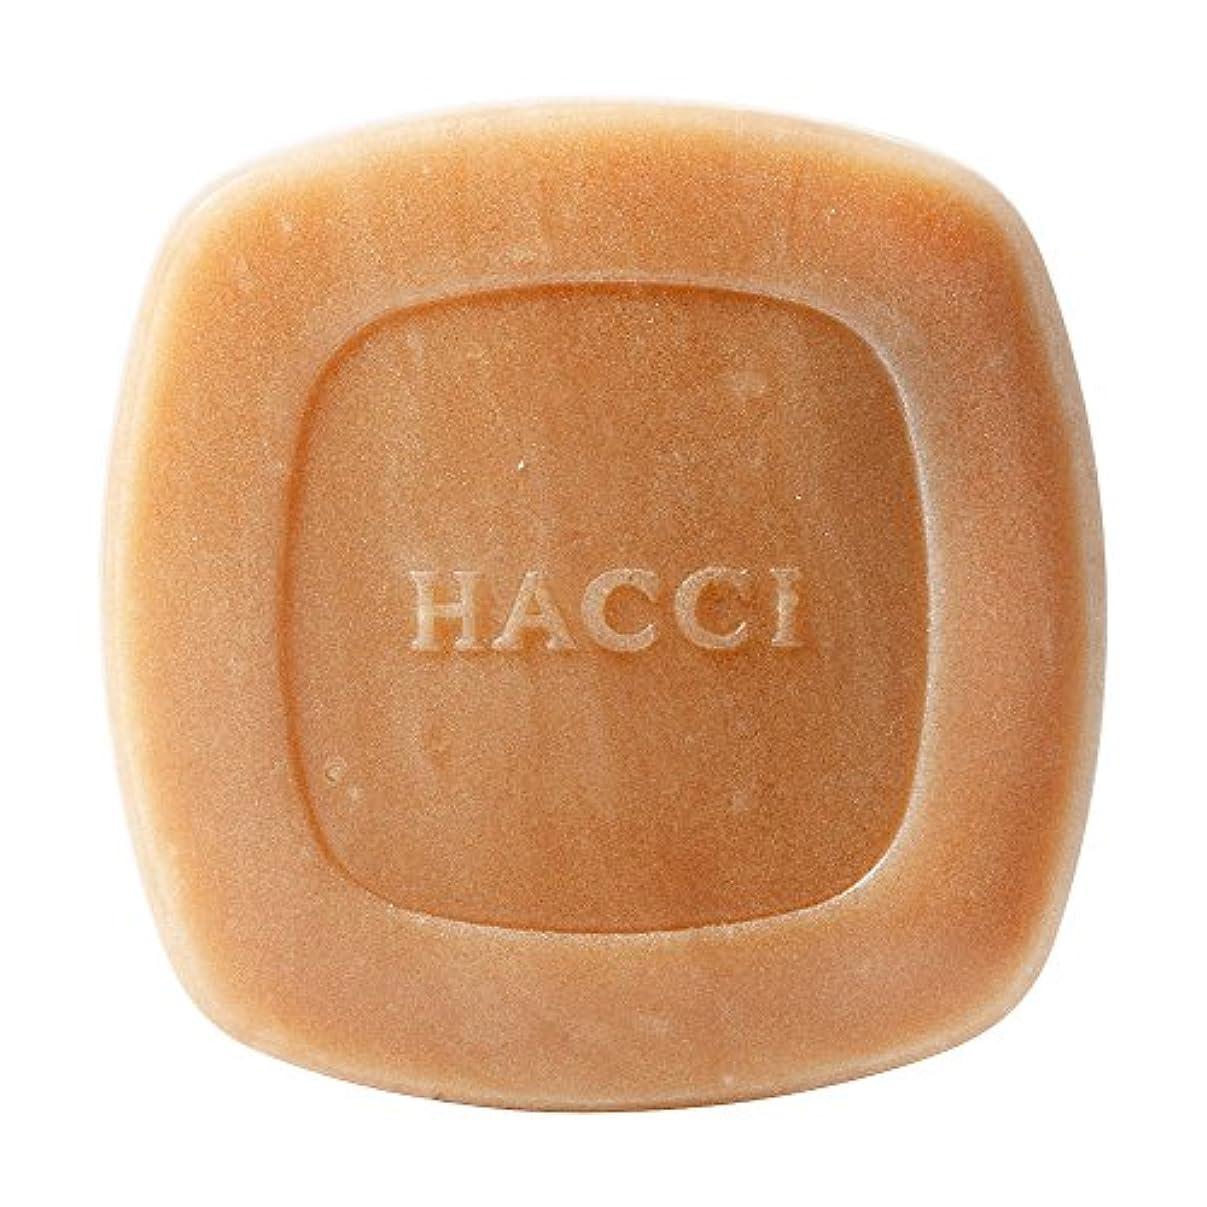 引き金掻く矢HACCI 1912(ハッチ1912) はちみつ洗顔石けん 80g